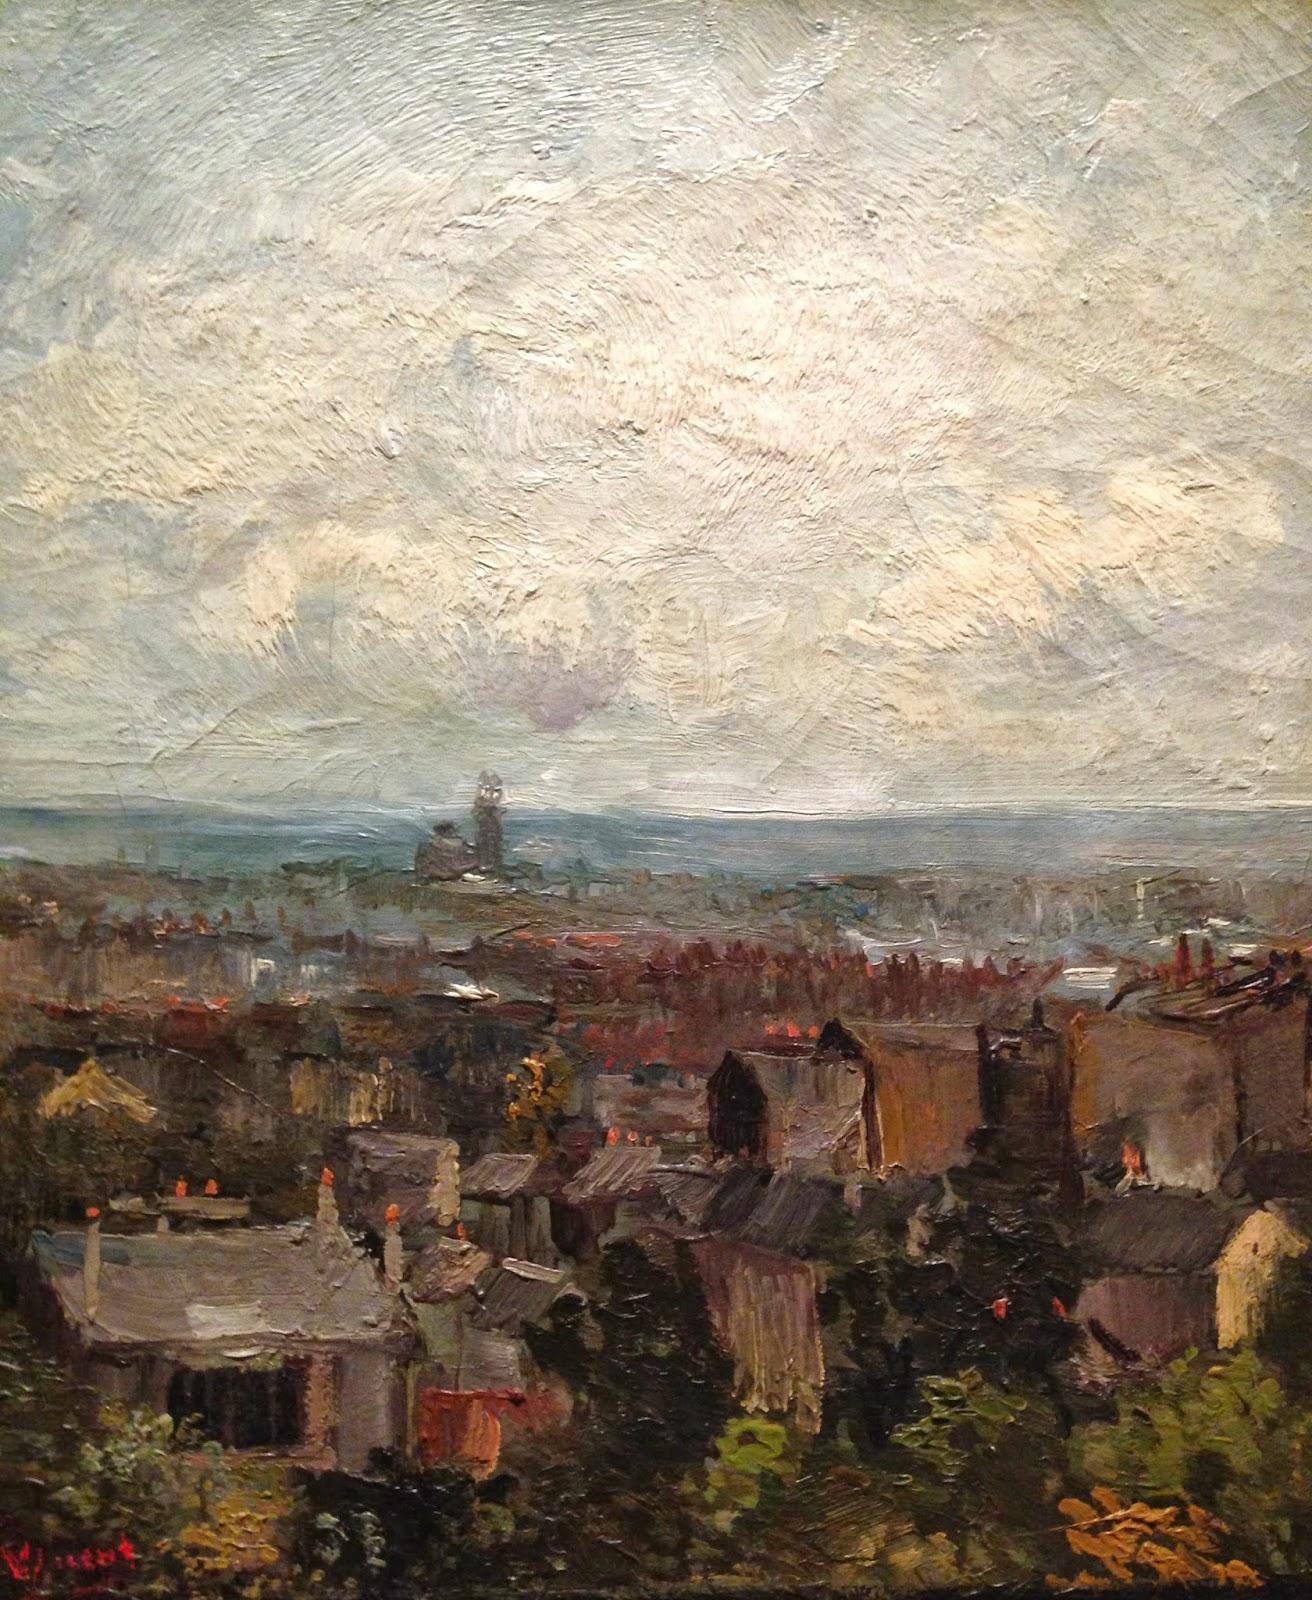 Realism Van Gogh